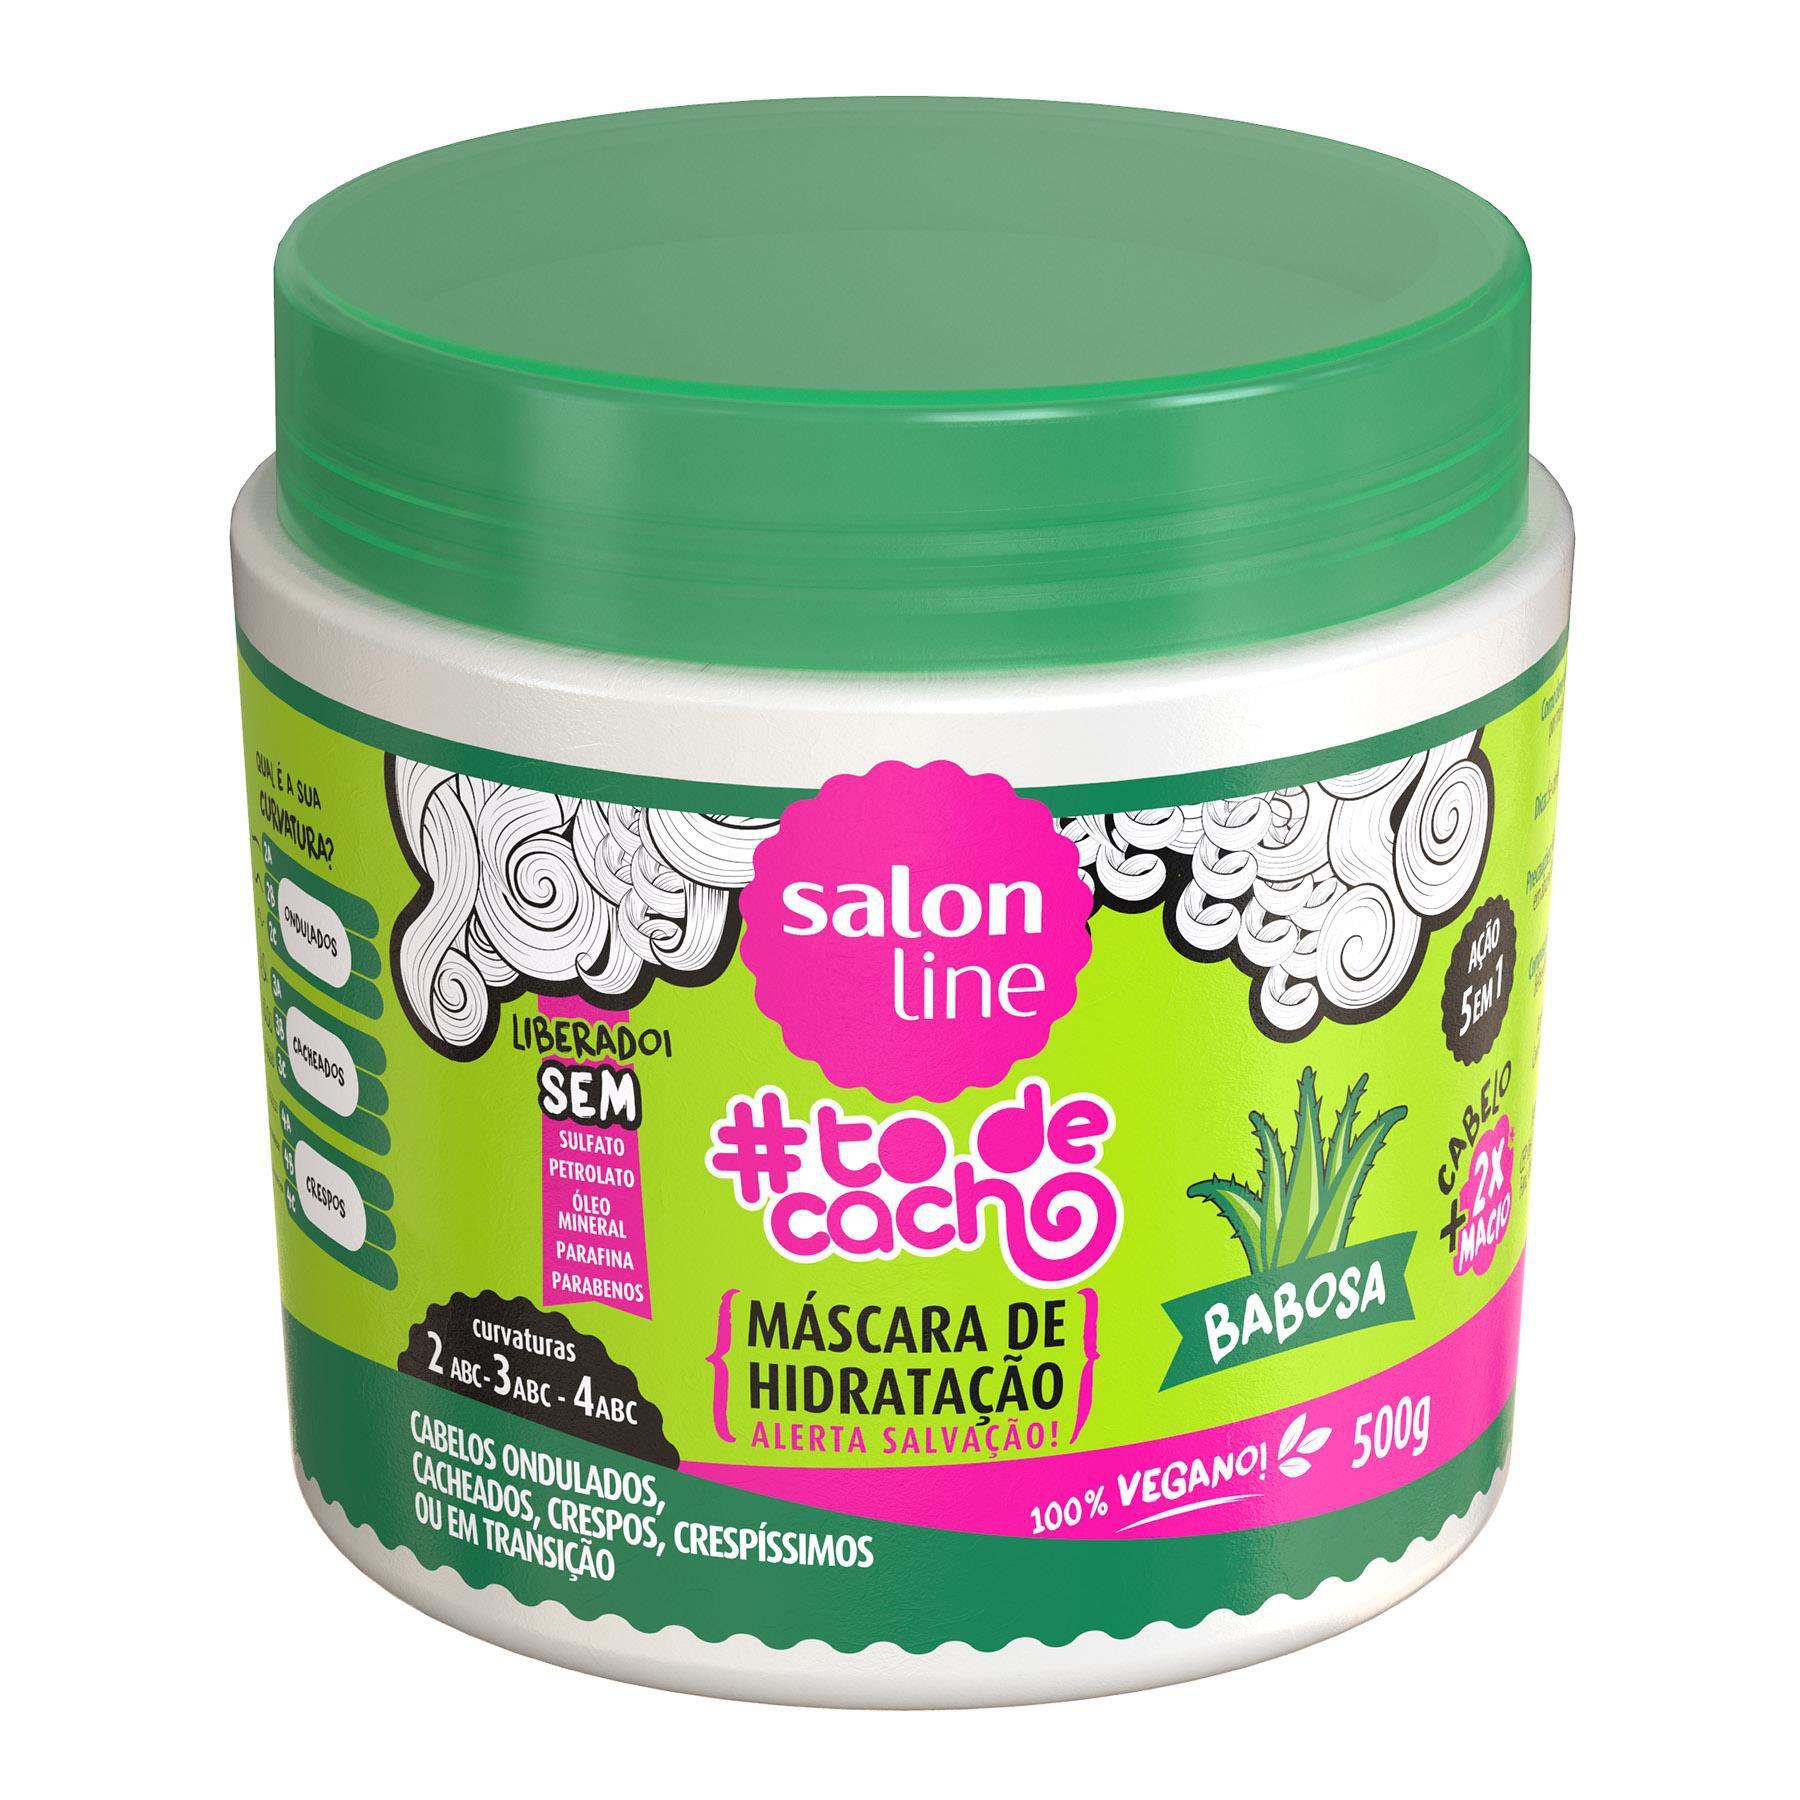 Salon Line Máscara #To de Cacho Babosa Hidratação Tratamento Para Divar 500g